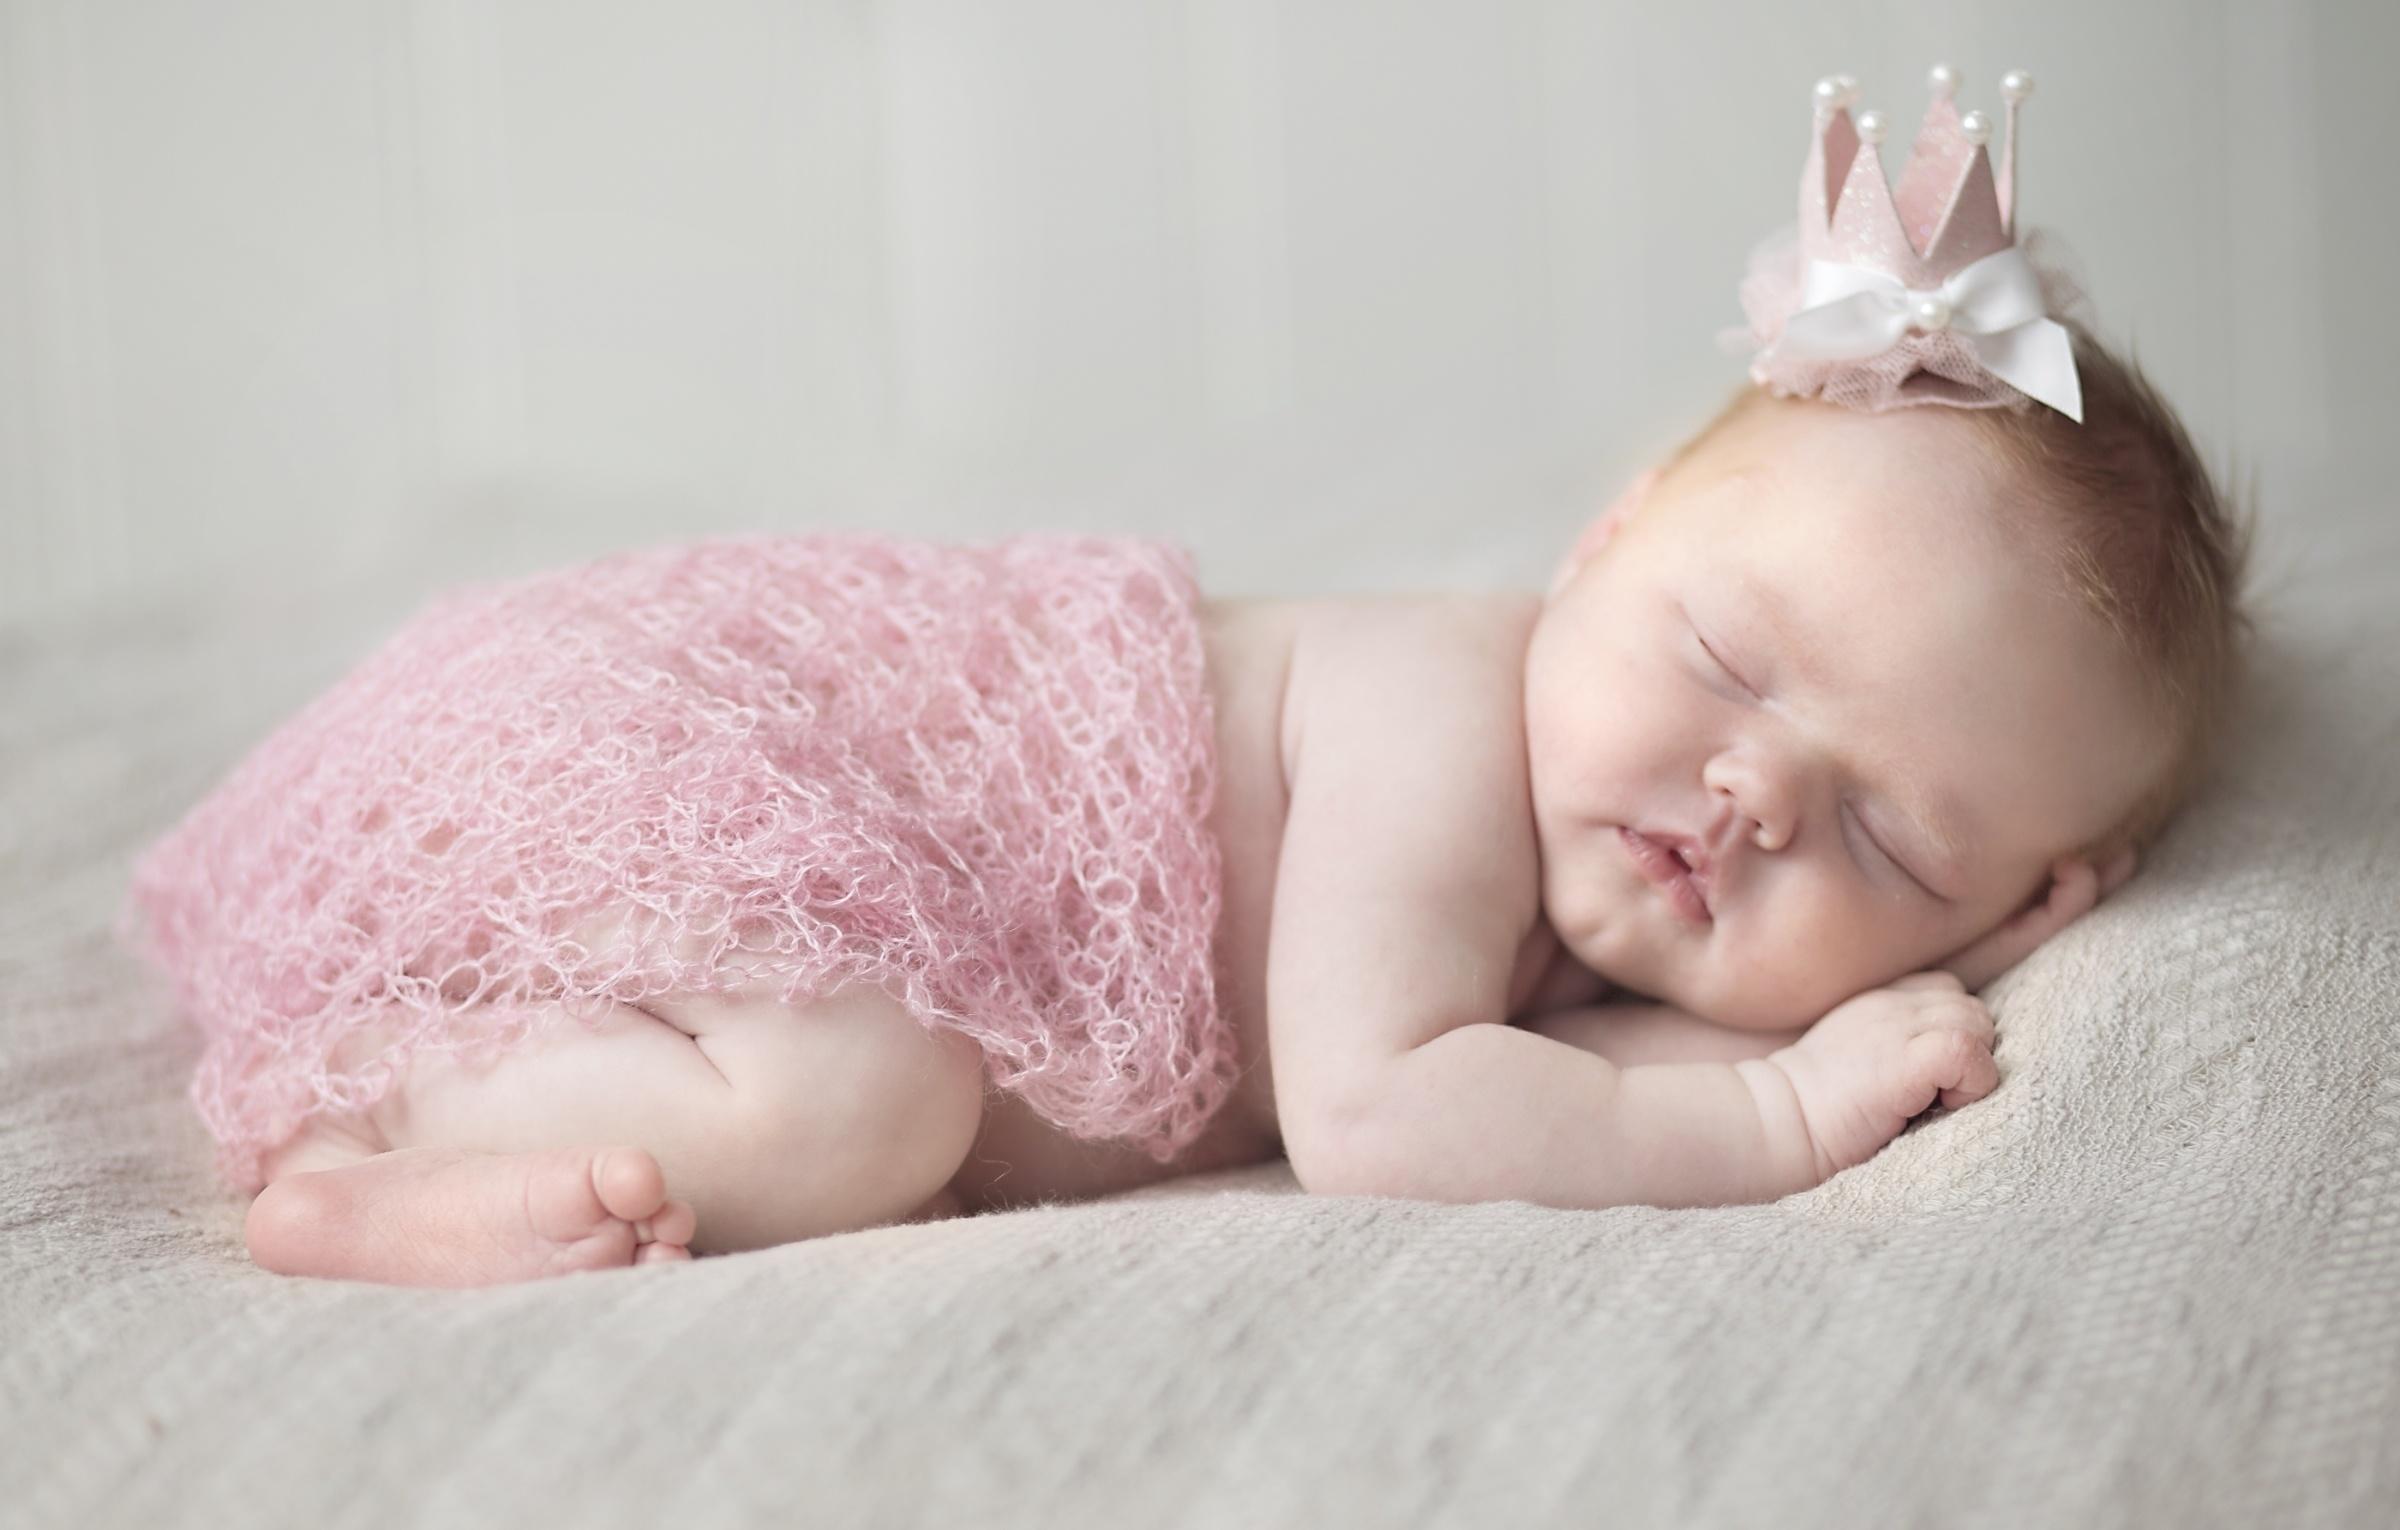 Картинки прикольные, картинки новорожденных девочек красивые